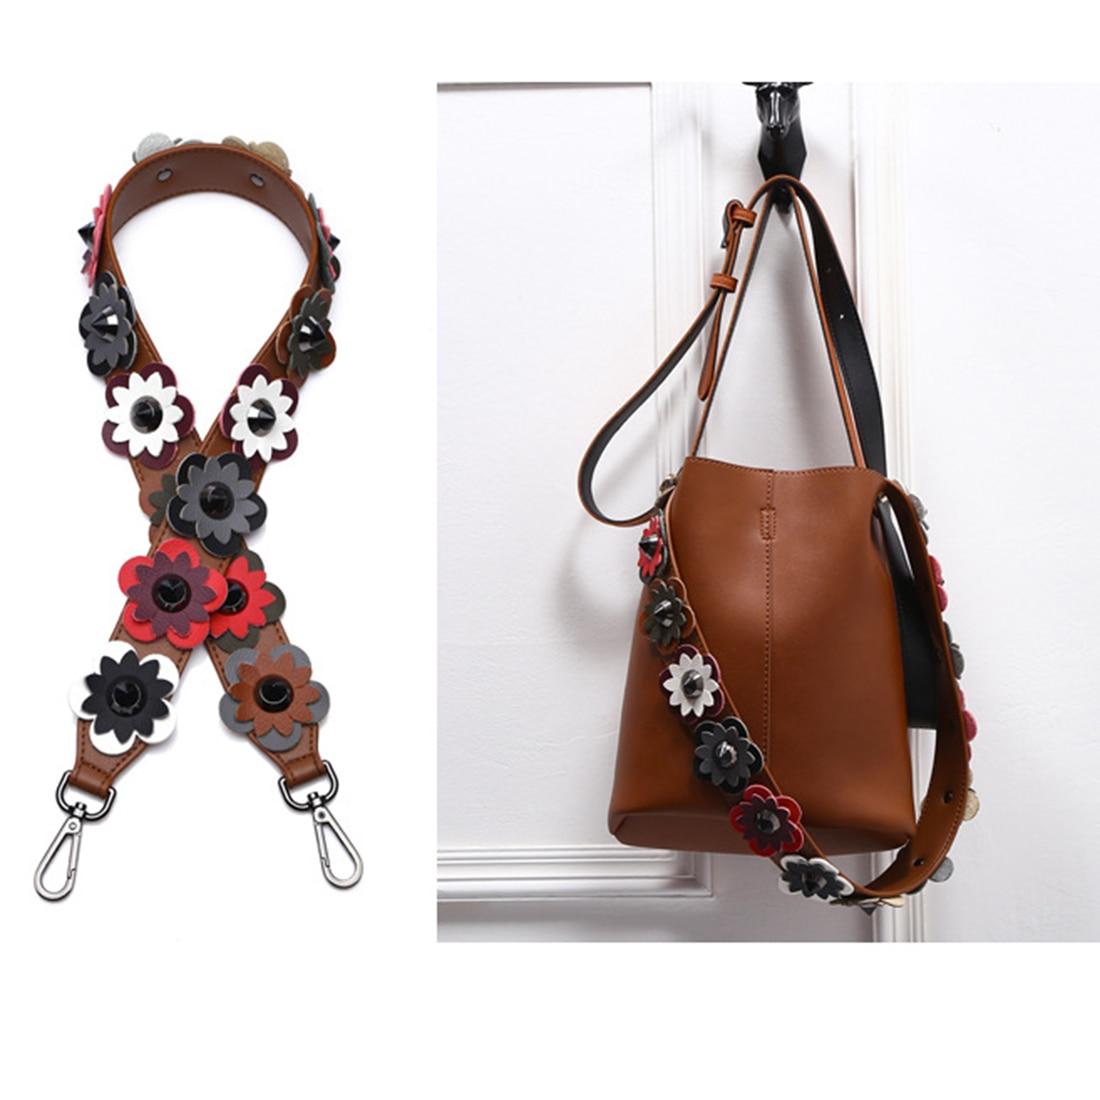 Купить SFG дом моды заклепки Бретели для нижнего белья для Сумки  искусственная кожа Летние Для женщин сумка Бретели для нижнего белья долго  Замена р. ee4e78cf17e